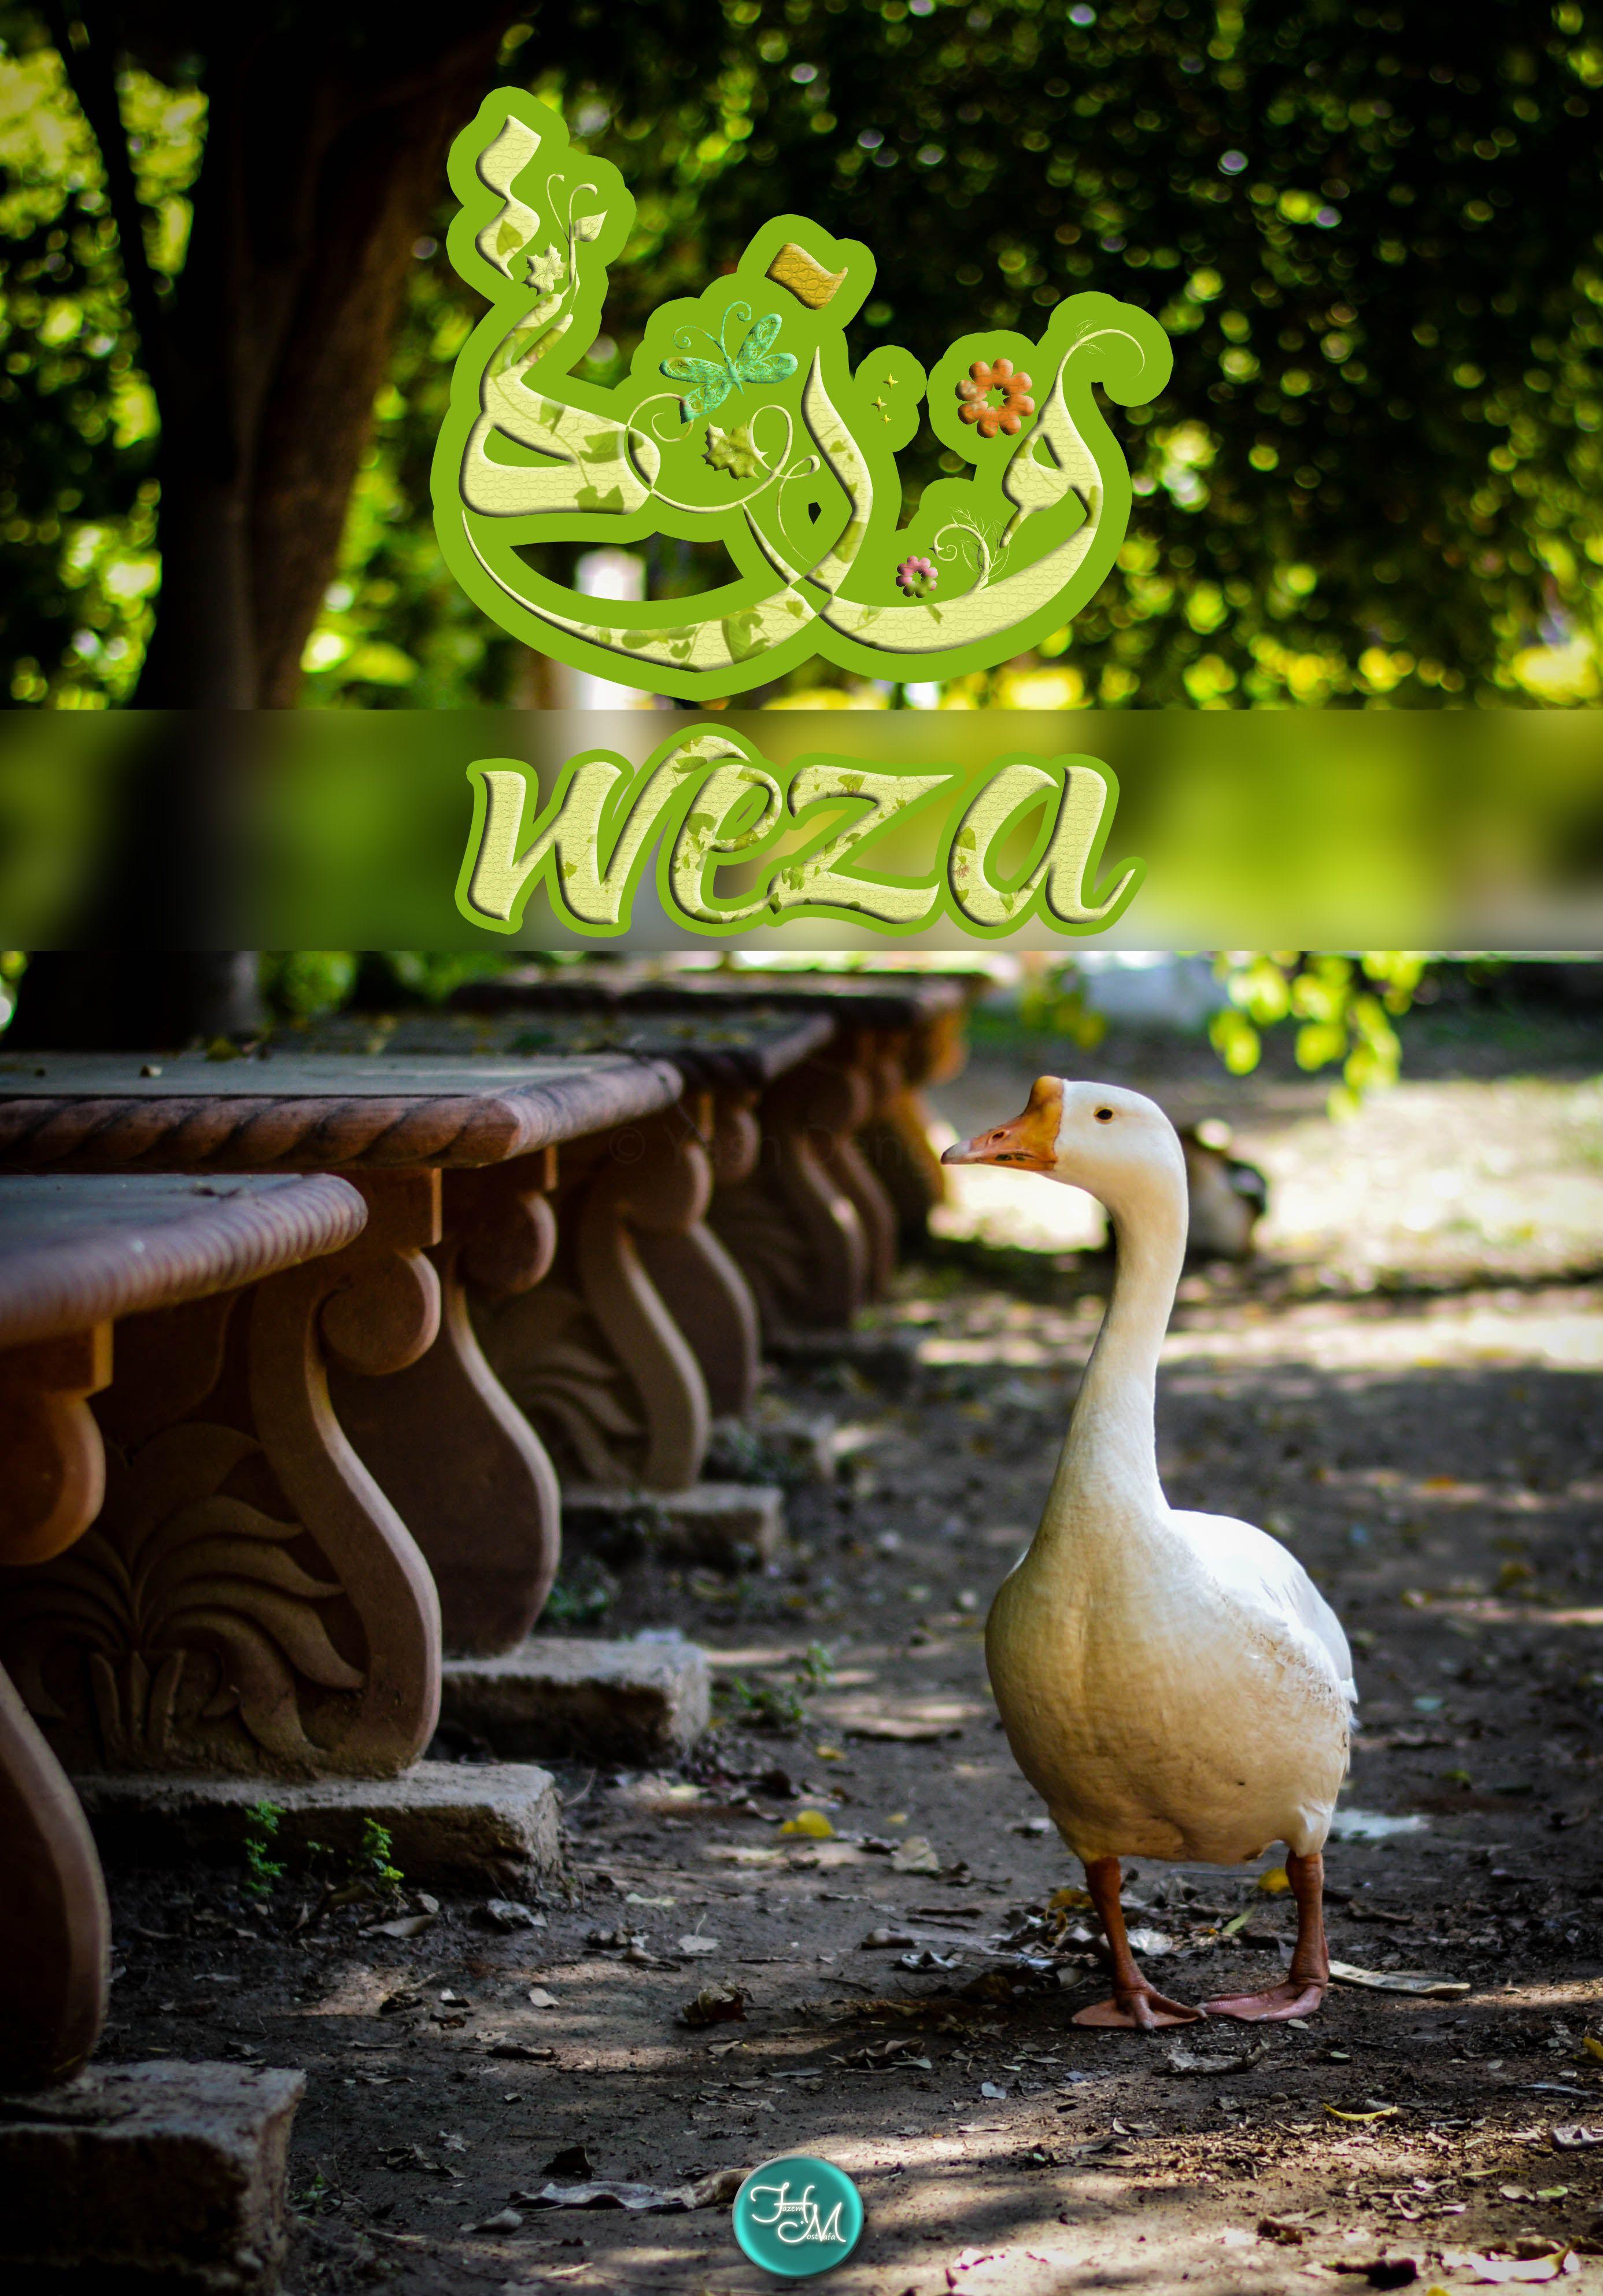 و ز ة اسم علم مؤنث عربي وهي أنثى الوز يسمى بها لجمالها وبياضها وتماي لها وأحيانا لثرائها وامتلائها وزة W Garden Sculpture Outdoor Decor Home Decor